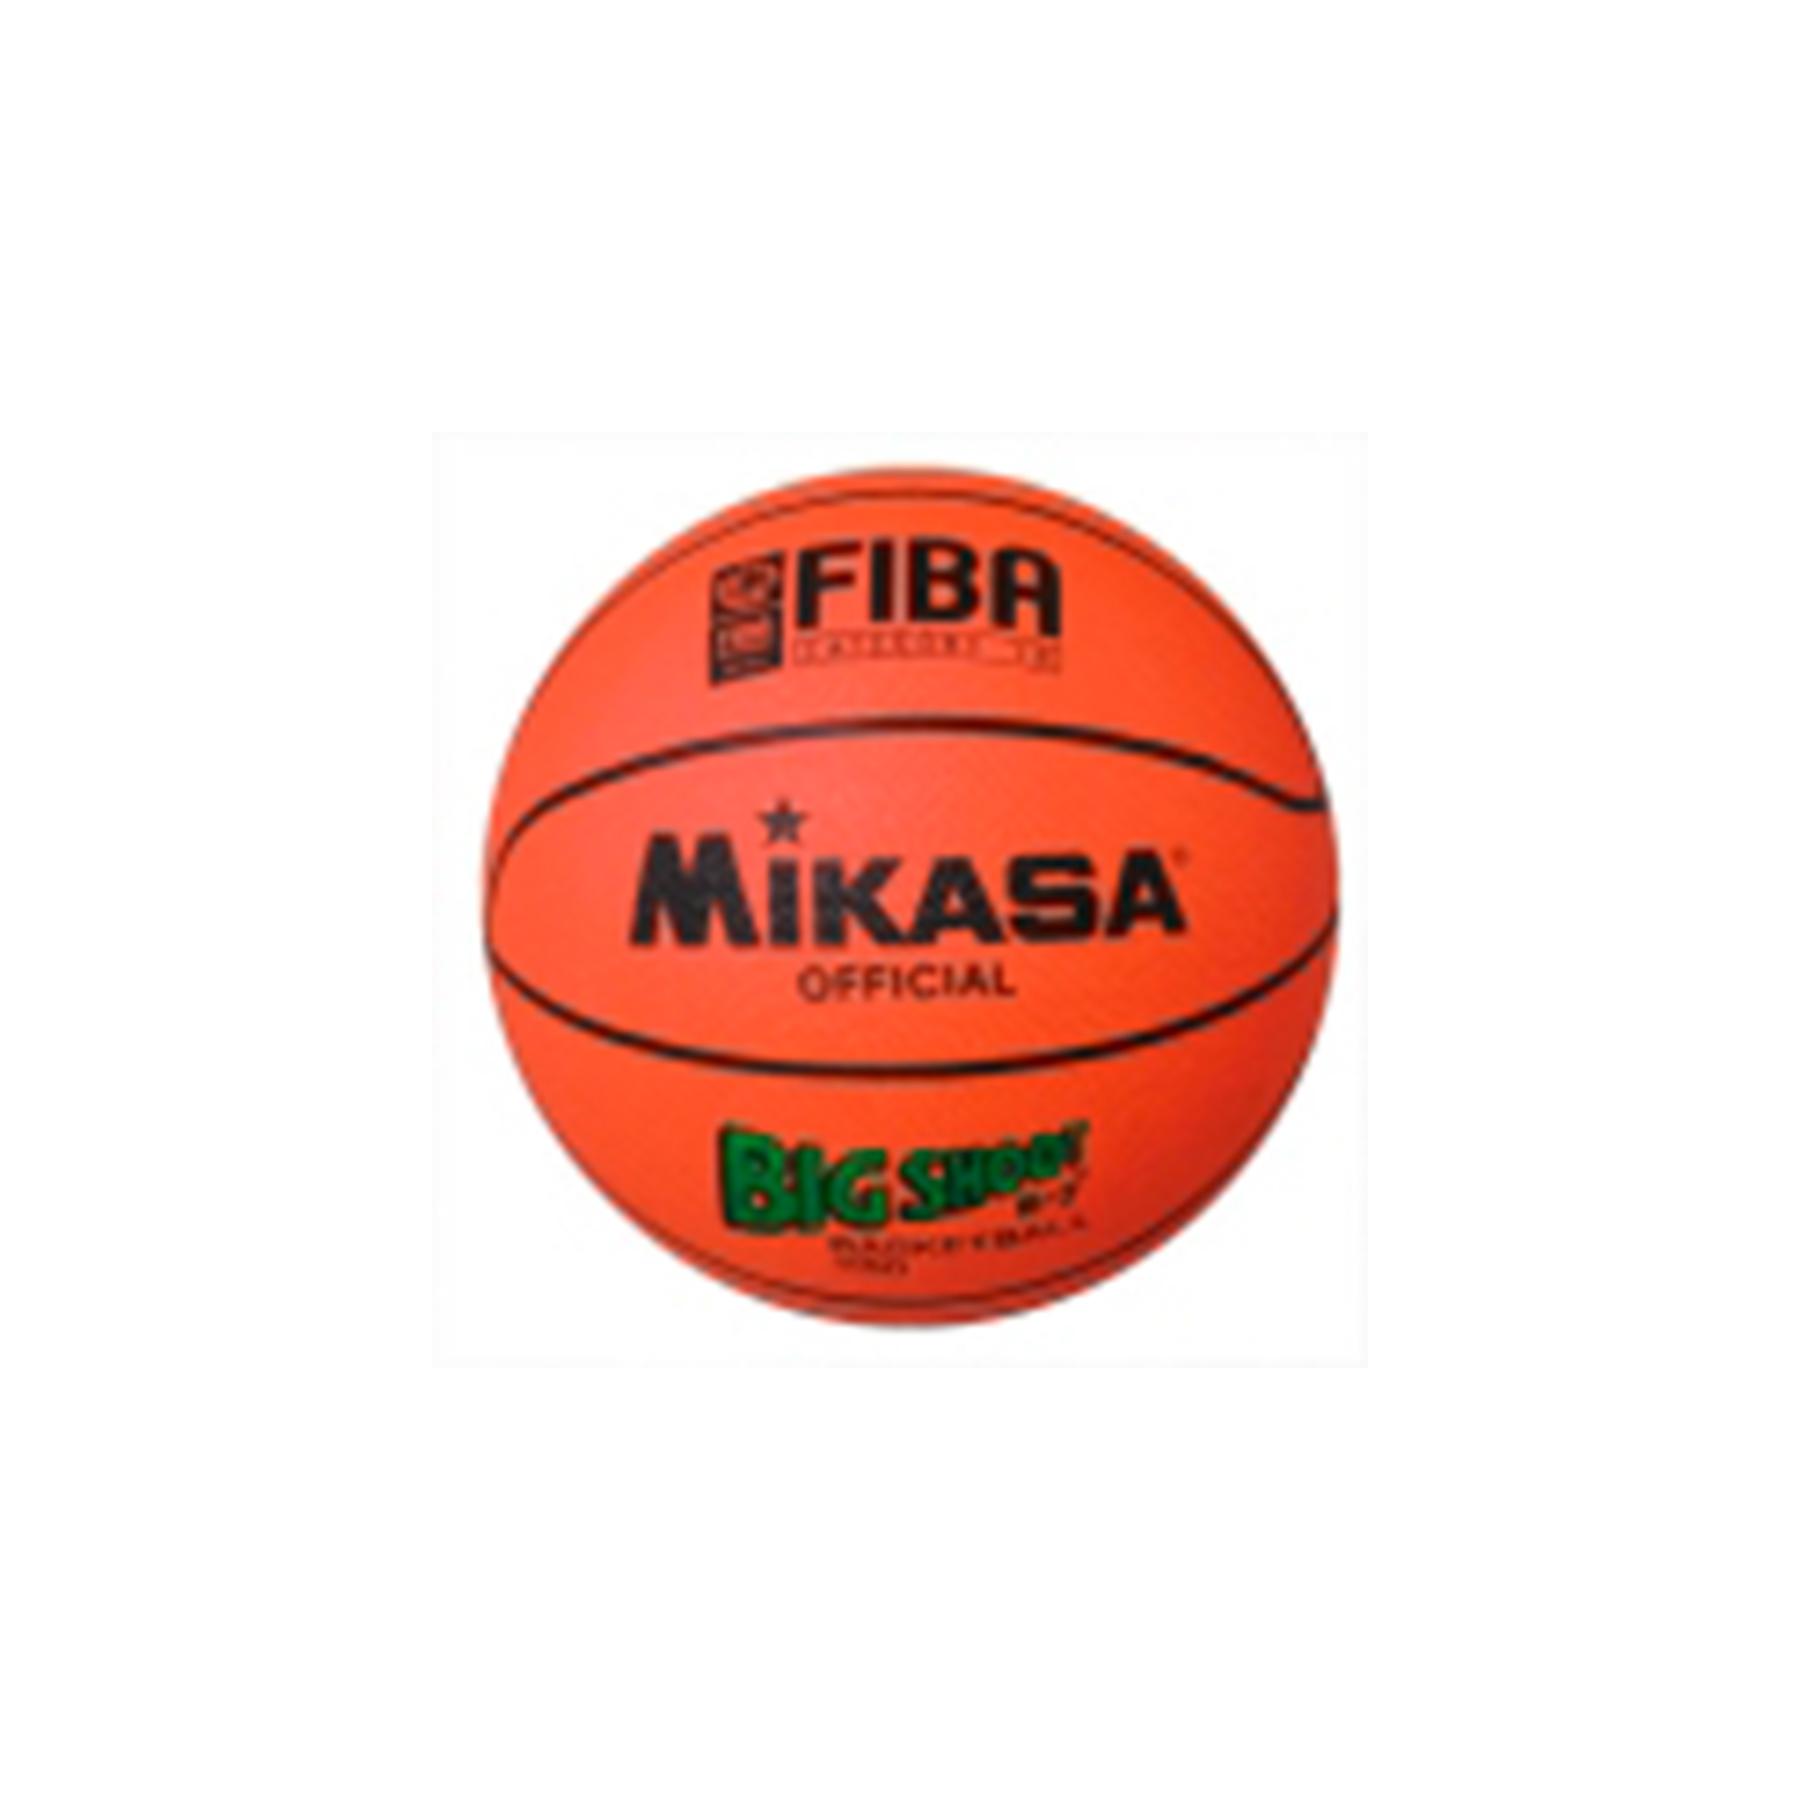 Мяч б/б Микаса 1150 резиновый № 7 игровой и трениров мяч для школ,утвержден FIBA